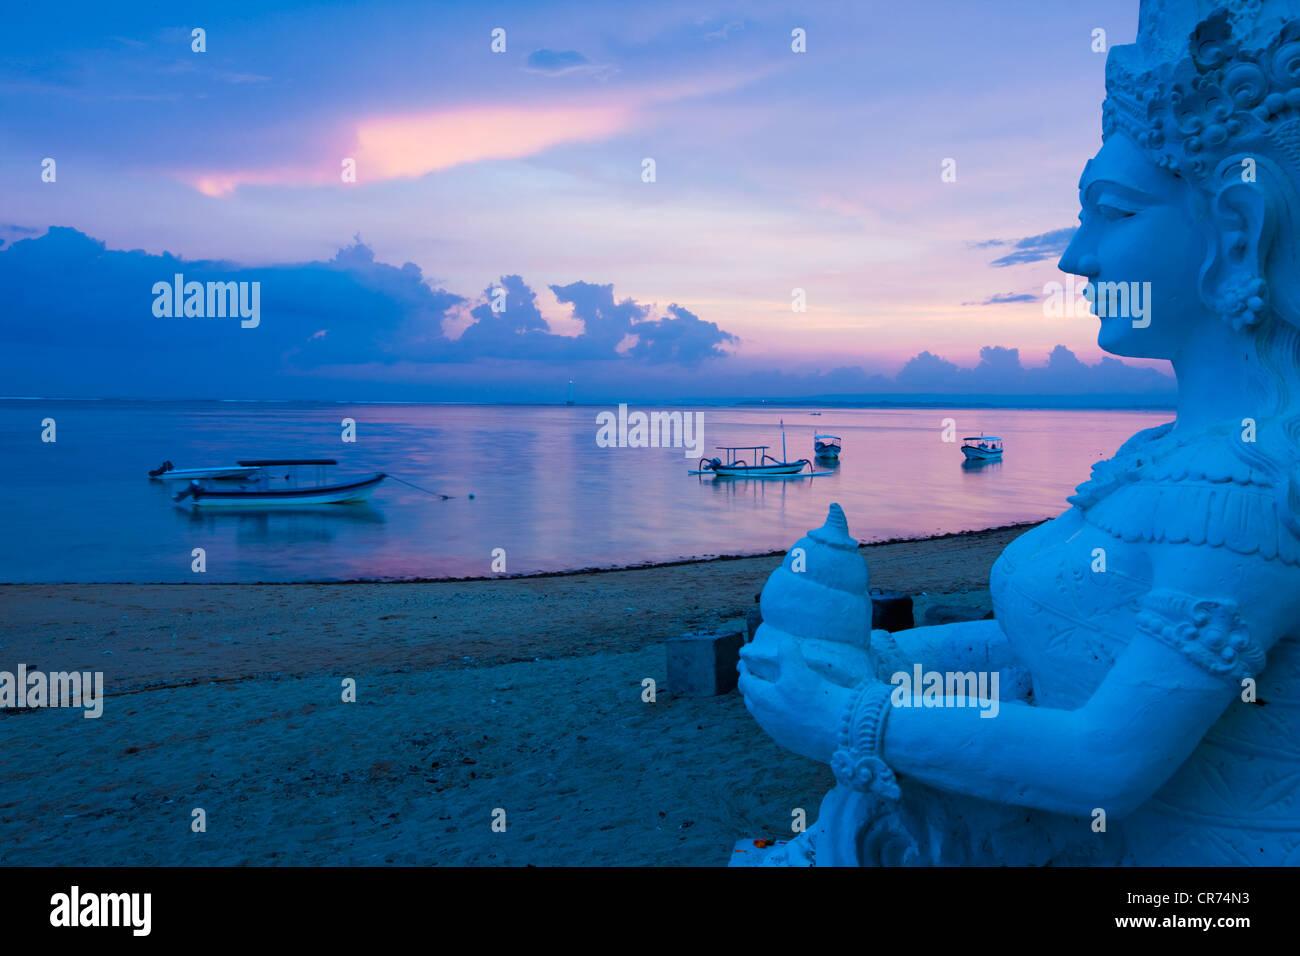 L'INDONÉSIE, Bali, Sanur, statue sur la mer en arrière-plan au crépuscule Photo Stock